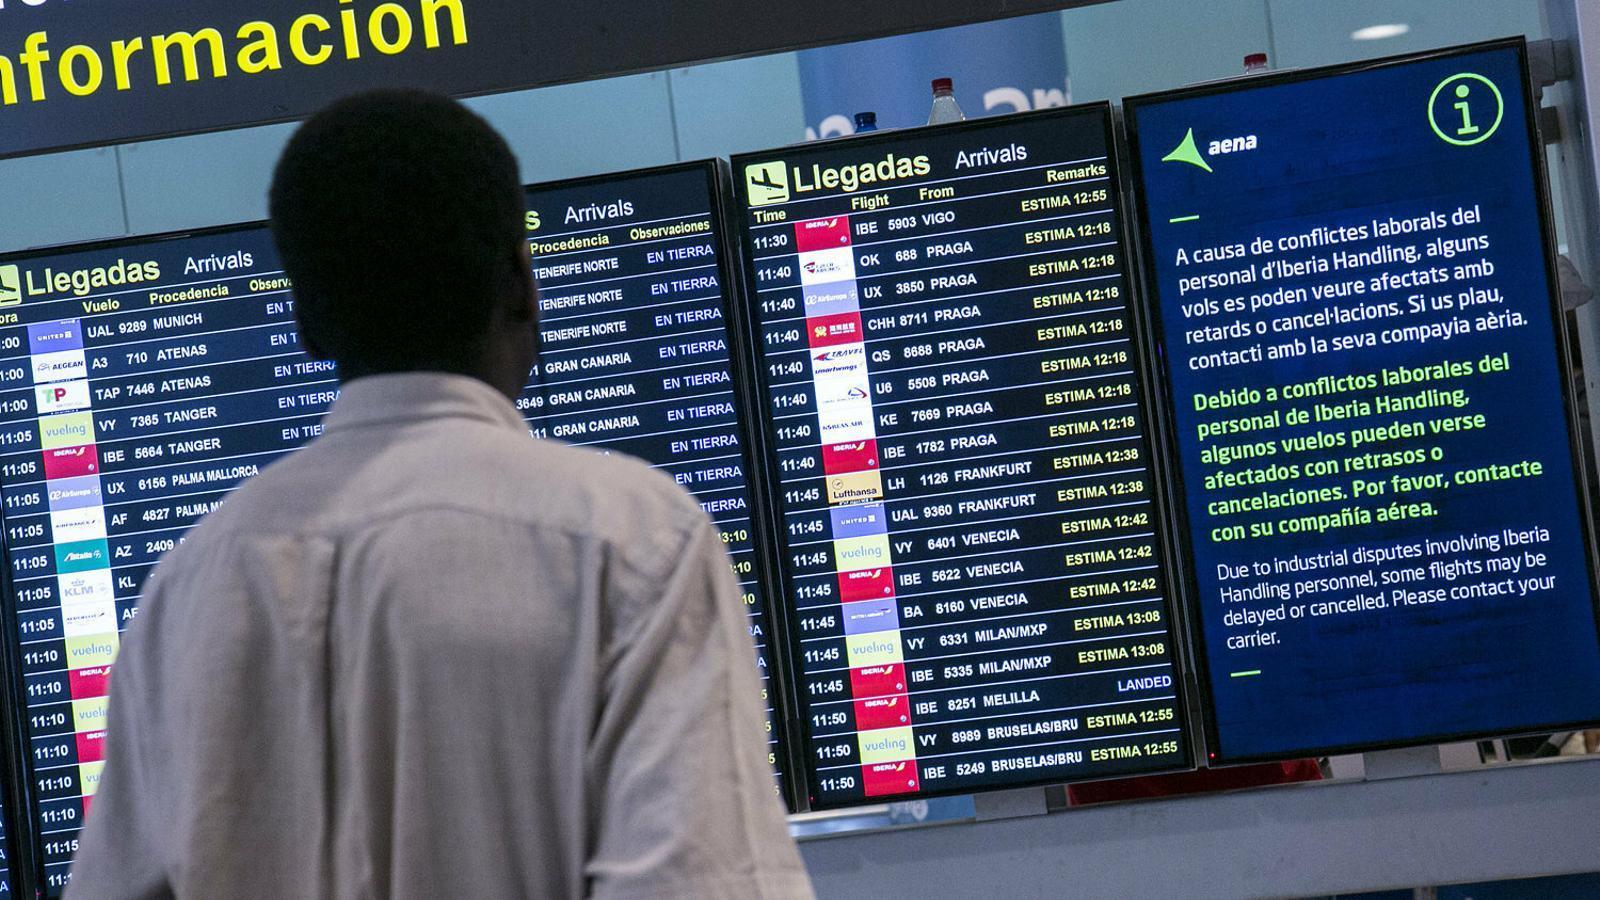 Un usuari de l'aeroport del Prat consultant l'estat dels vols en la vaga del juliol.